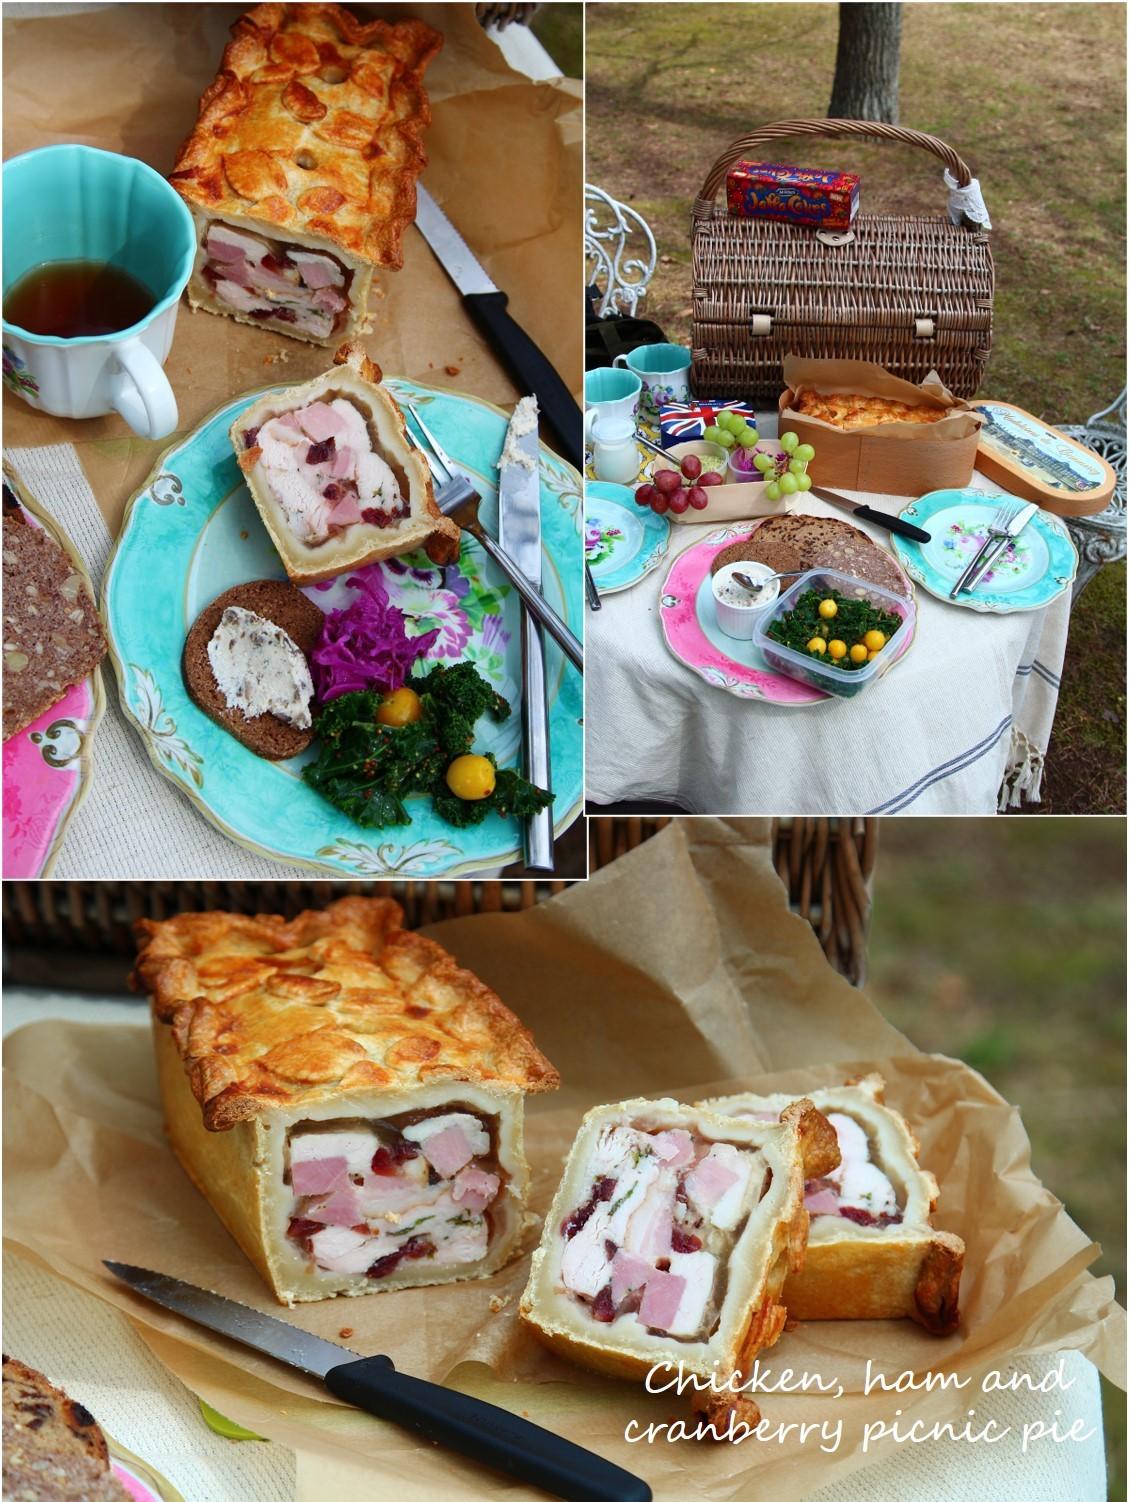 ピクニックwithピクニックパイ_a0107981_08492049.jpg